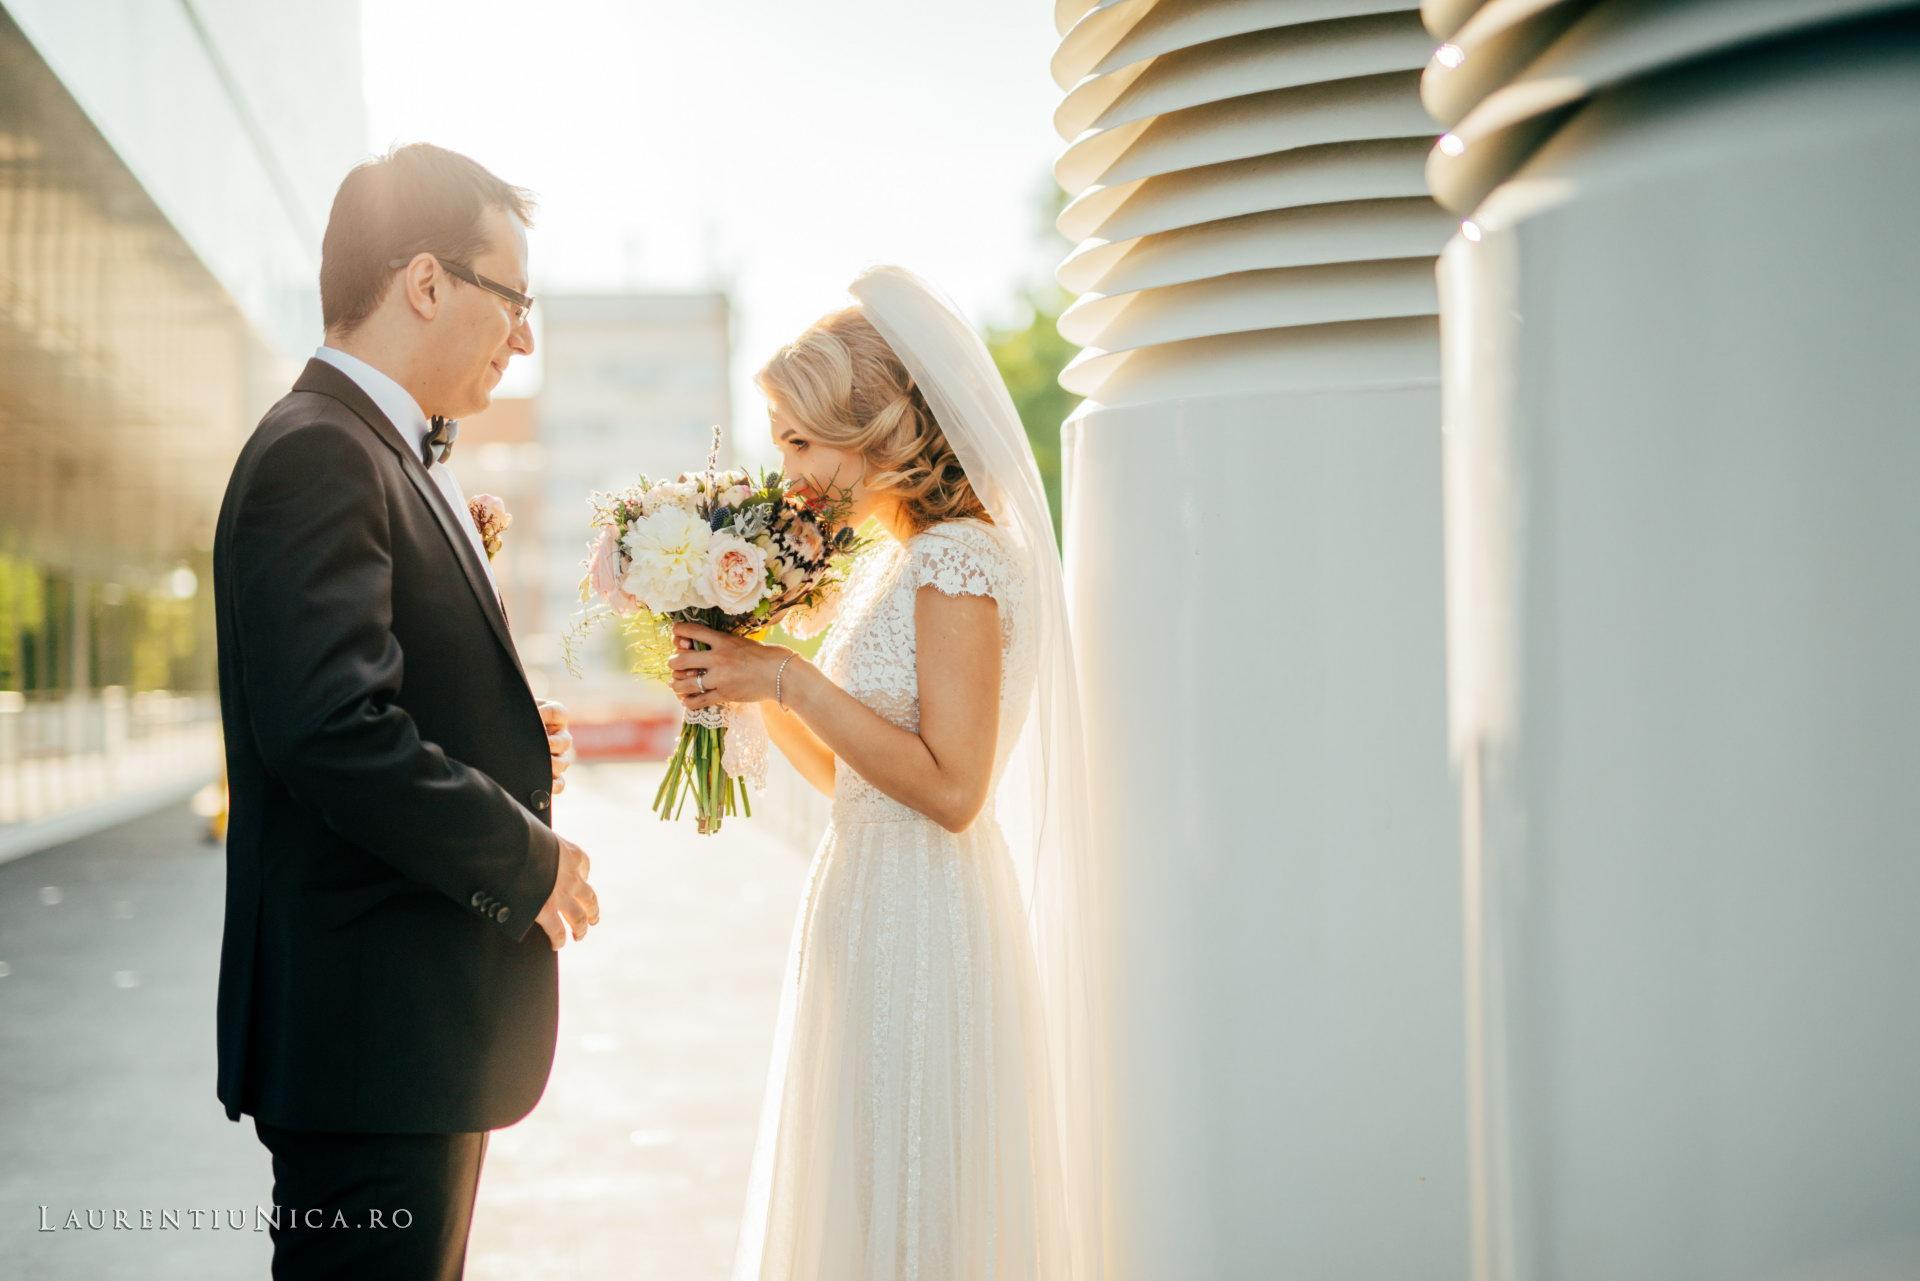 alina si razvan craiova fotograf nunta laurentiu nica58 - Alina & Razvan | Fotografii nunta